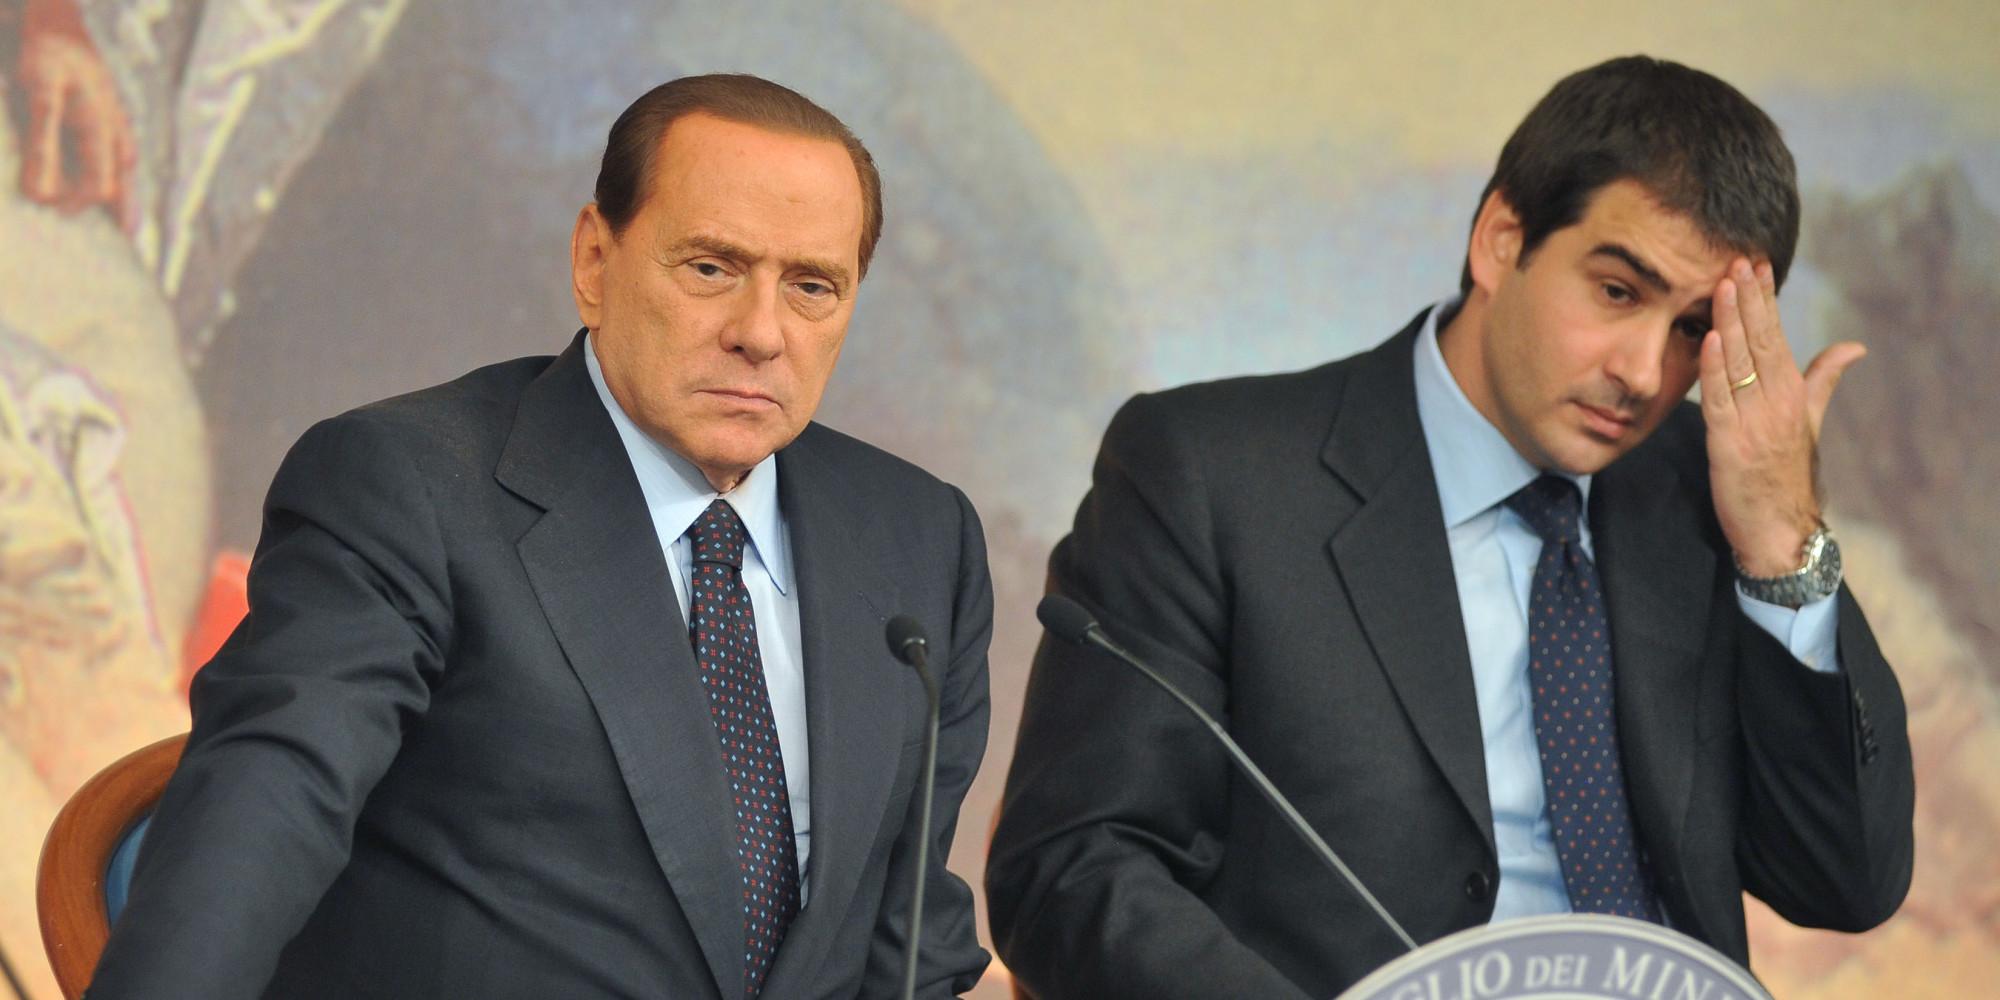 Forza Italia, via Raffaele Fitto: Berlusconi pronto a cacciarlo